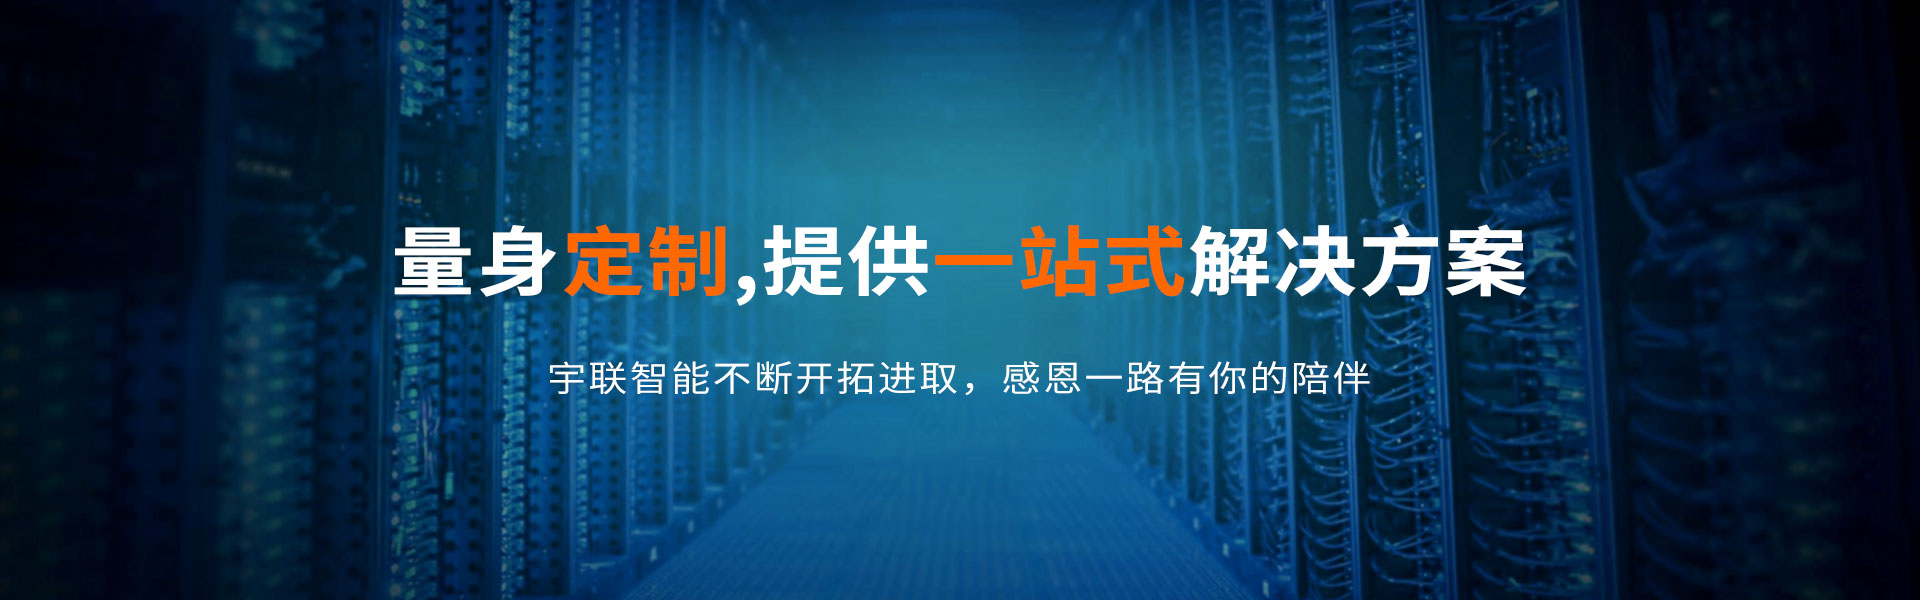 智能柜,RFID智能柜,人脸识别智能柜